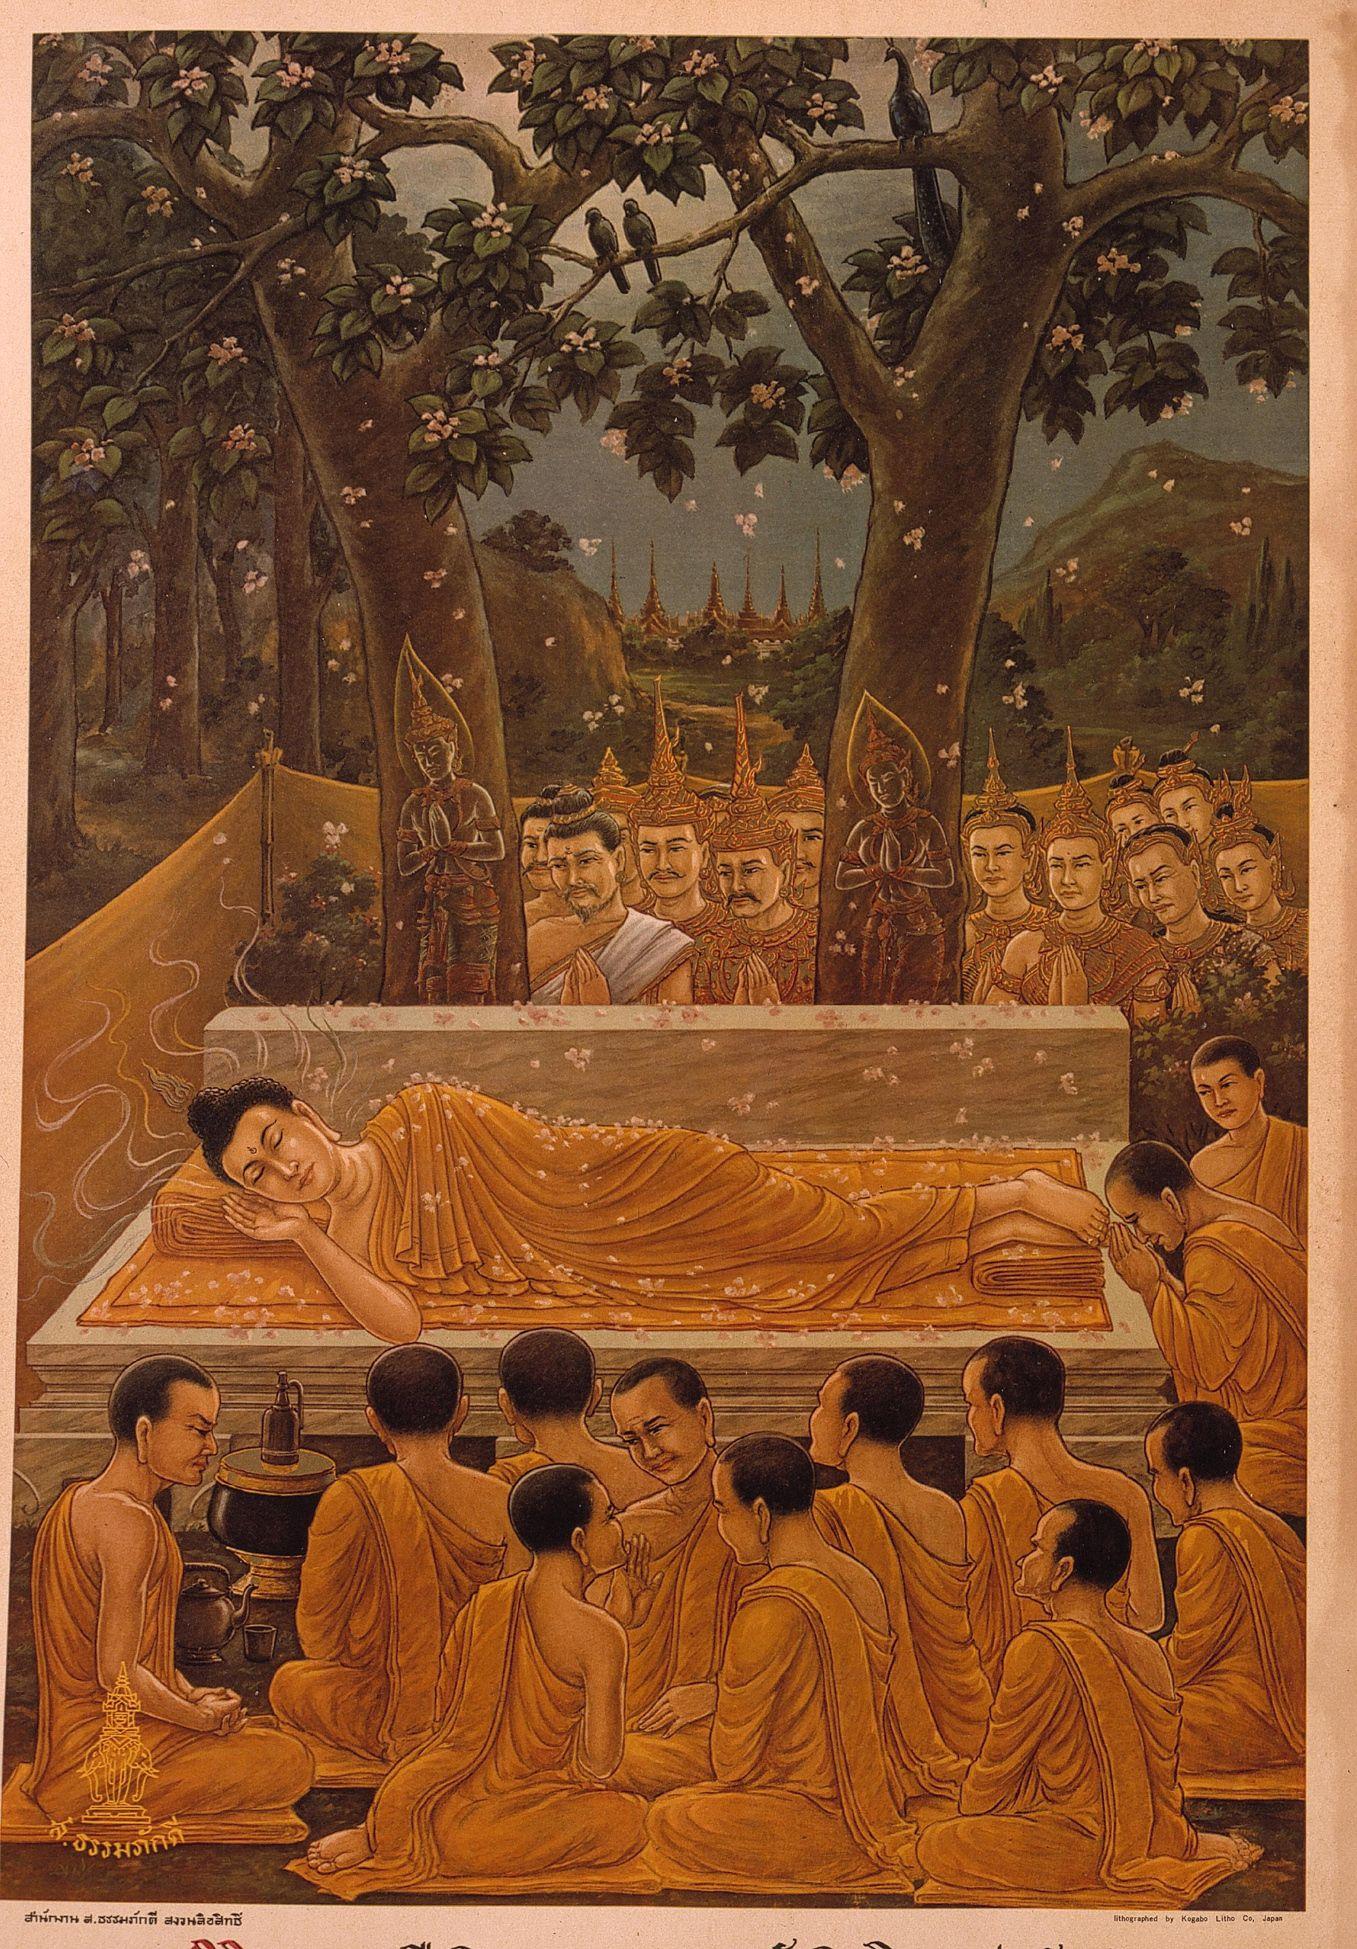 Buddhistdoor Global \u2013 Your Doorway to the World of Buddhism & Buddhistdoor Global \u2013 Your Doorway to the World of Buddhism ...